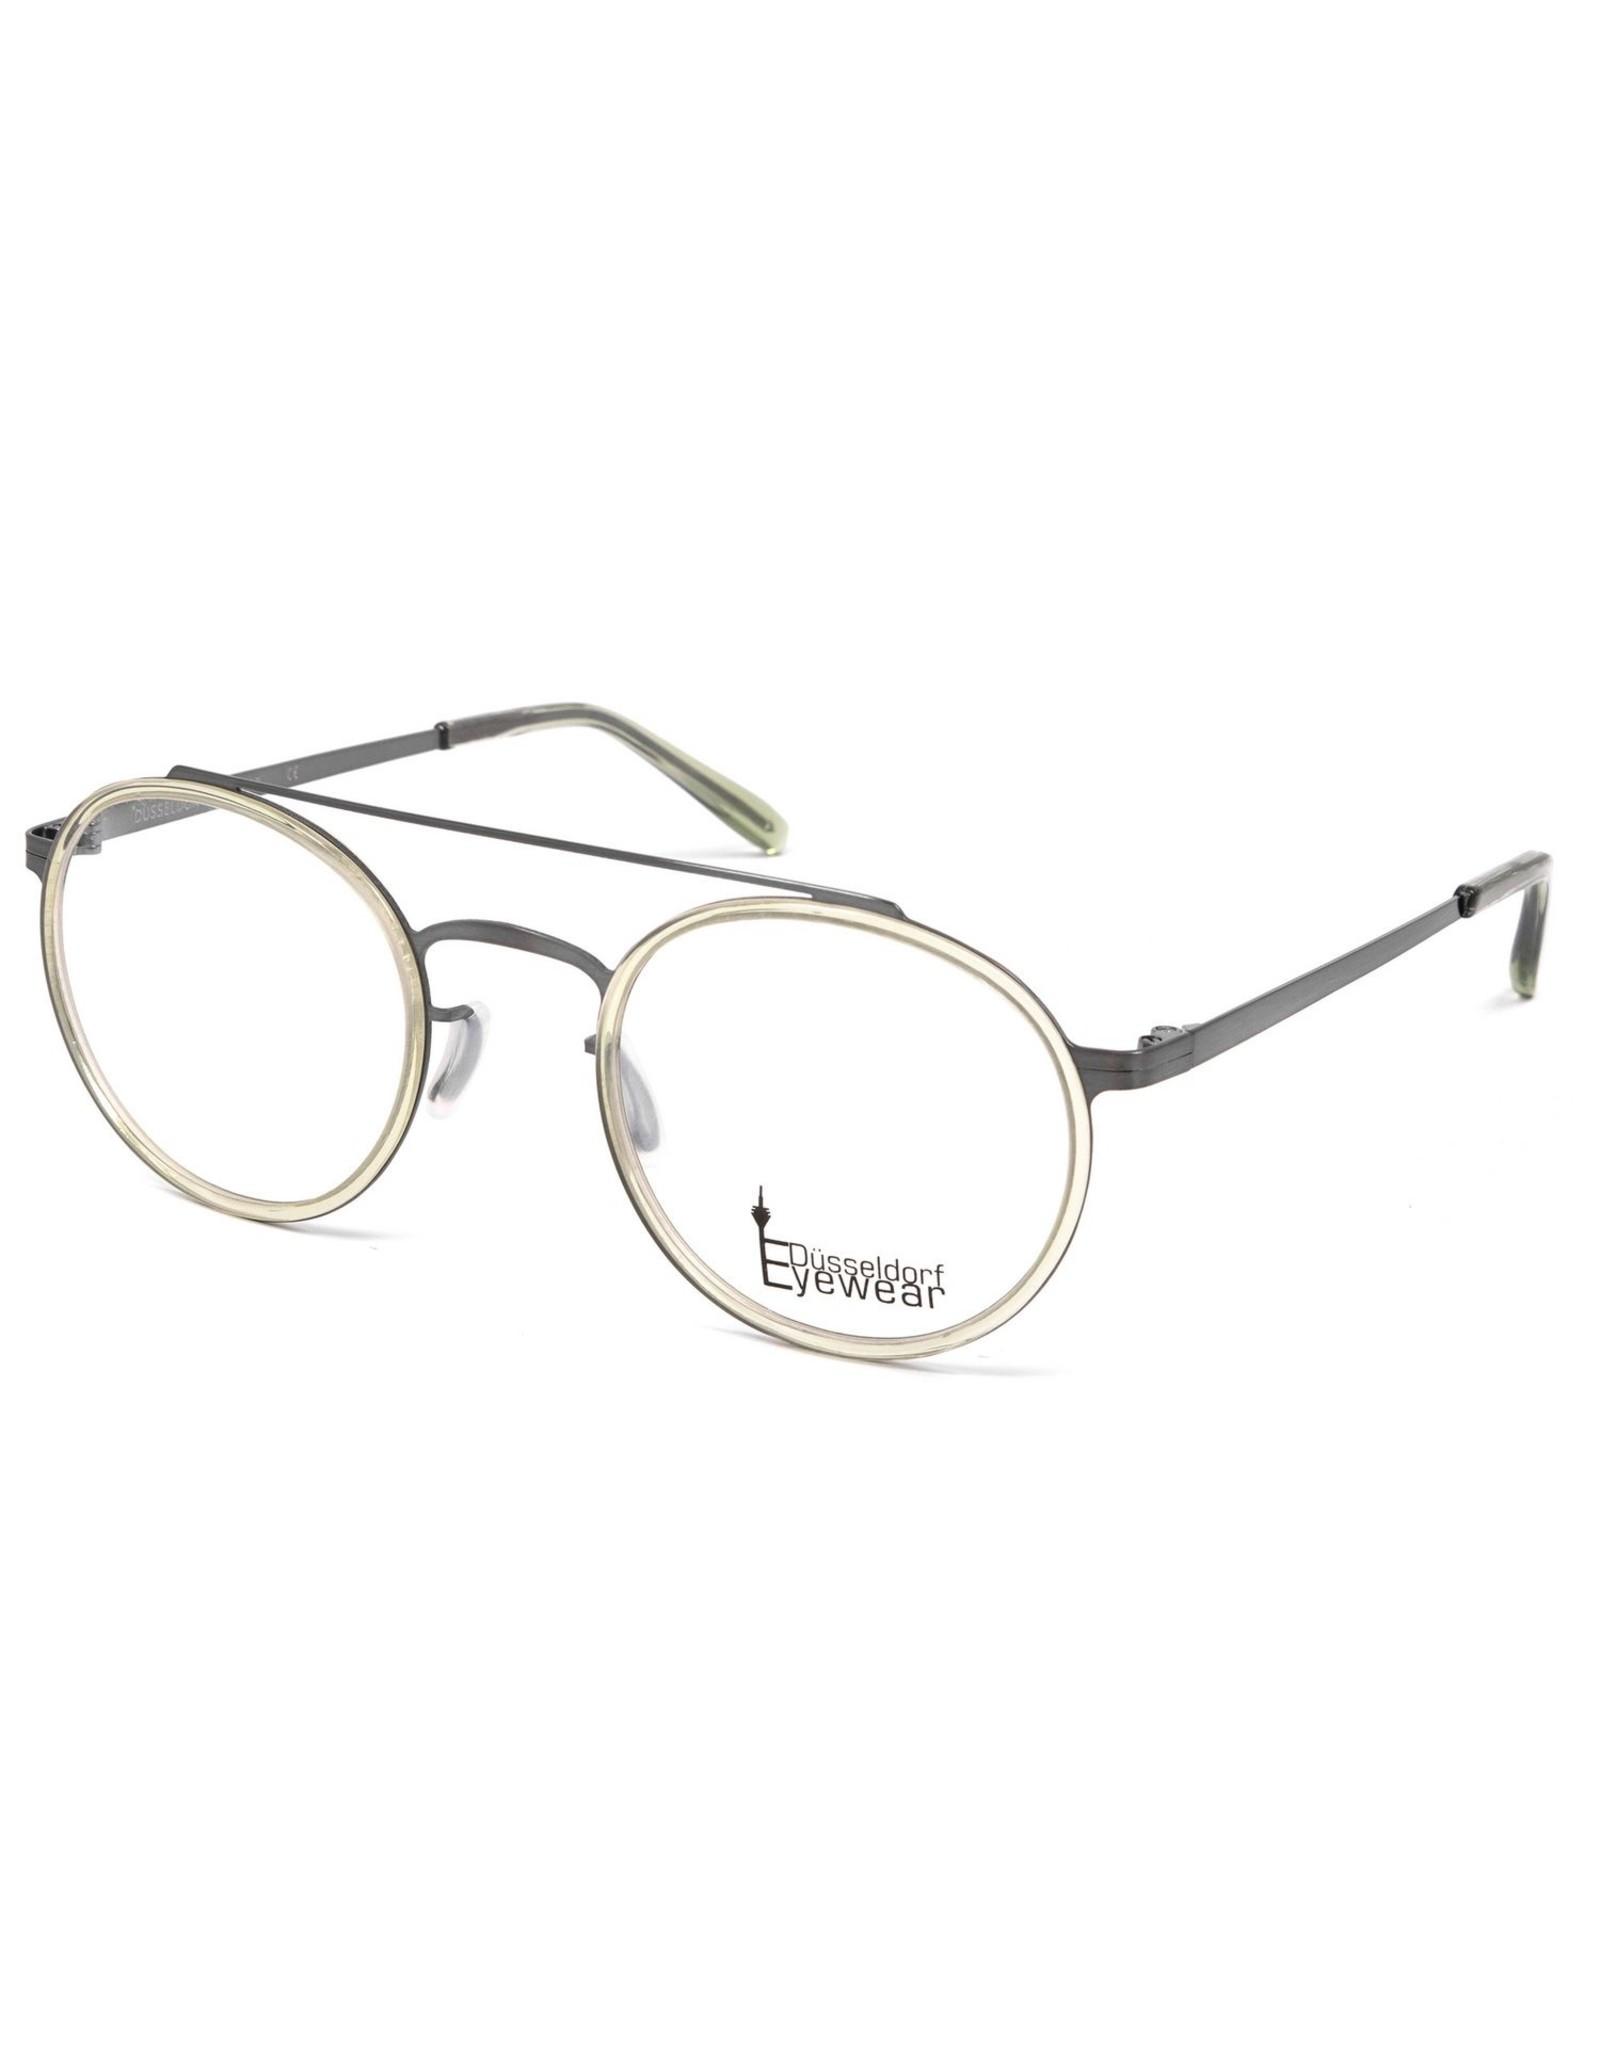 Dusselorf Eyewear Dusseldorf Eyewear Lessingplatz gun